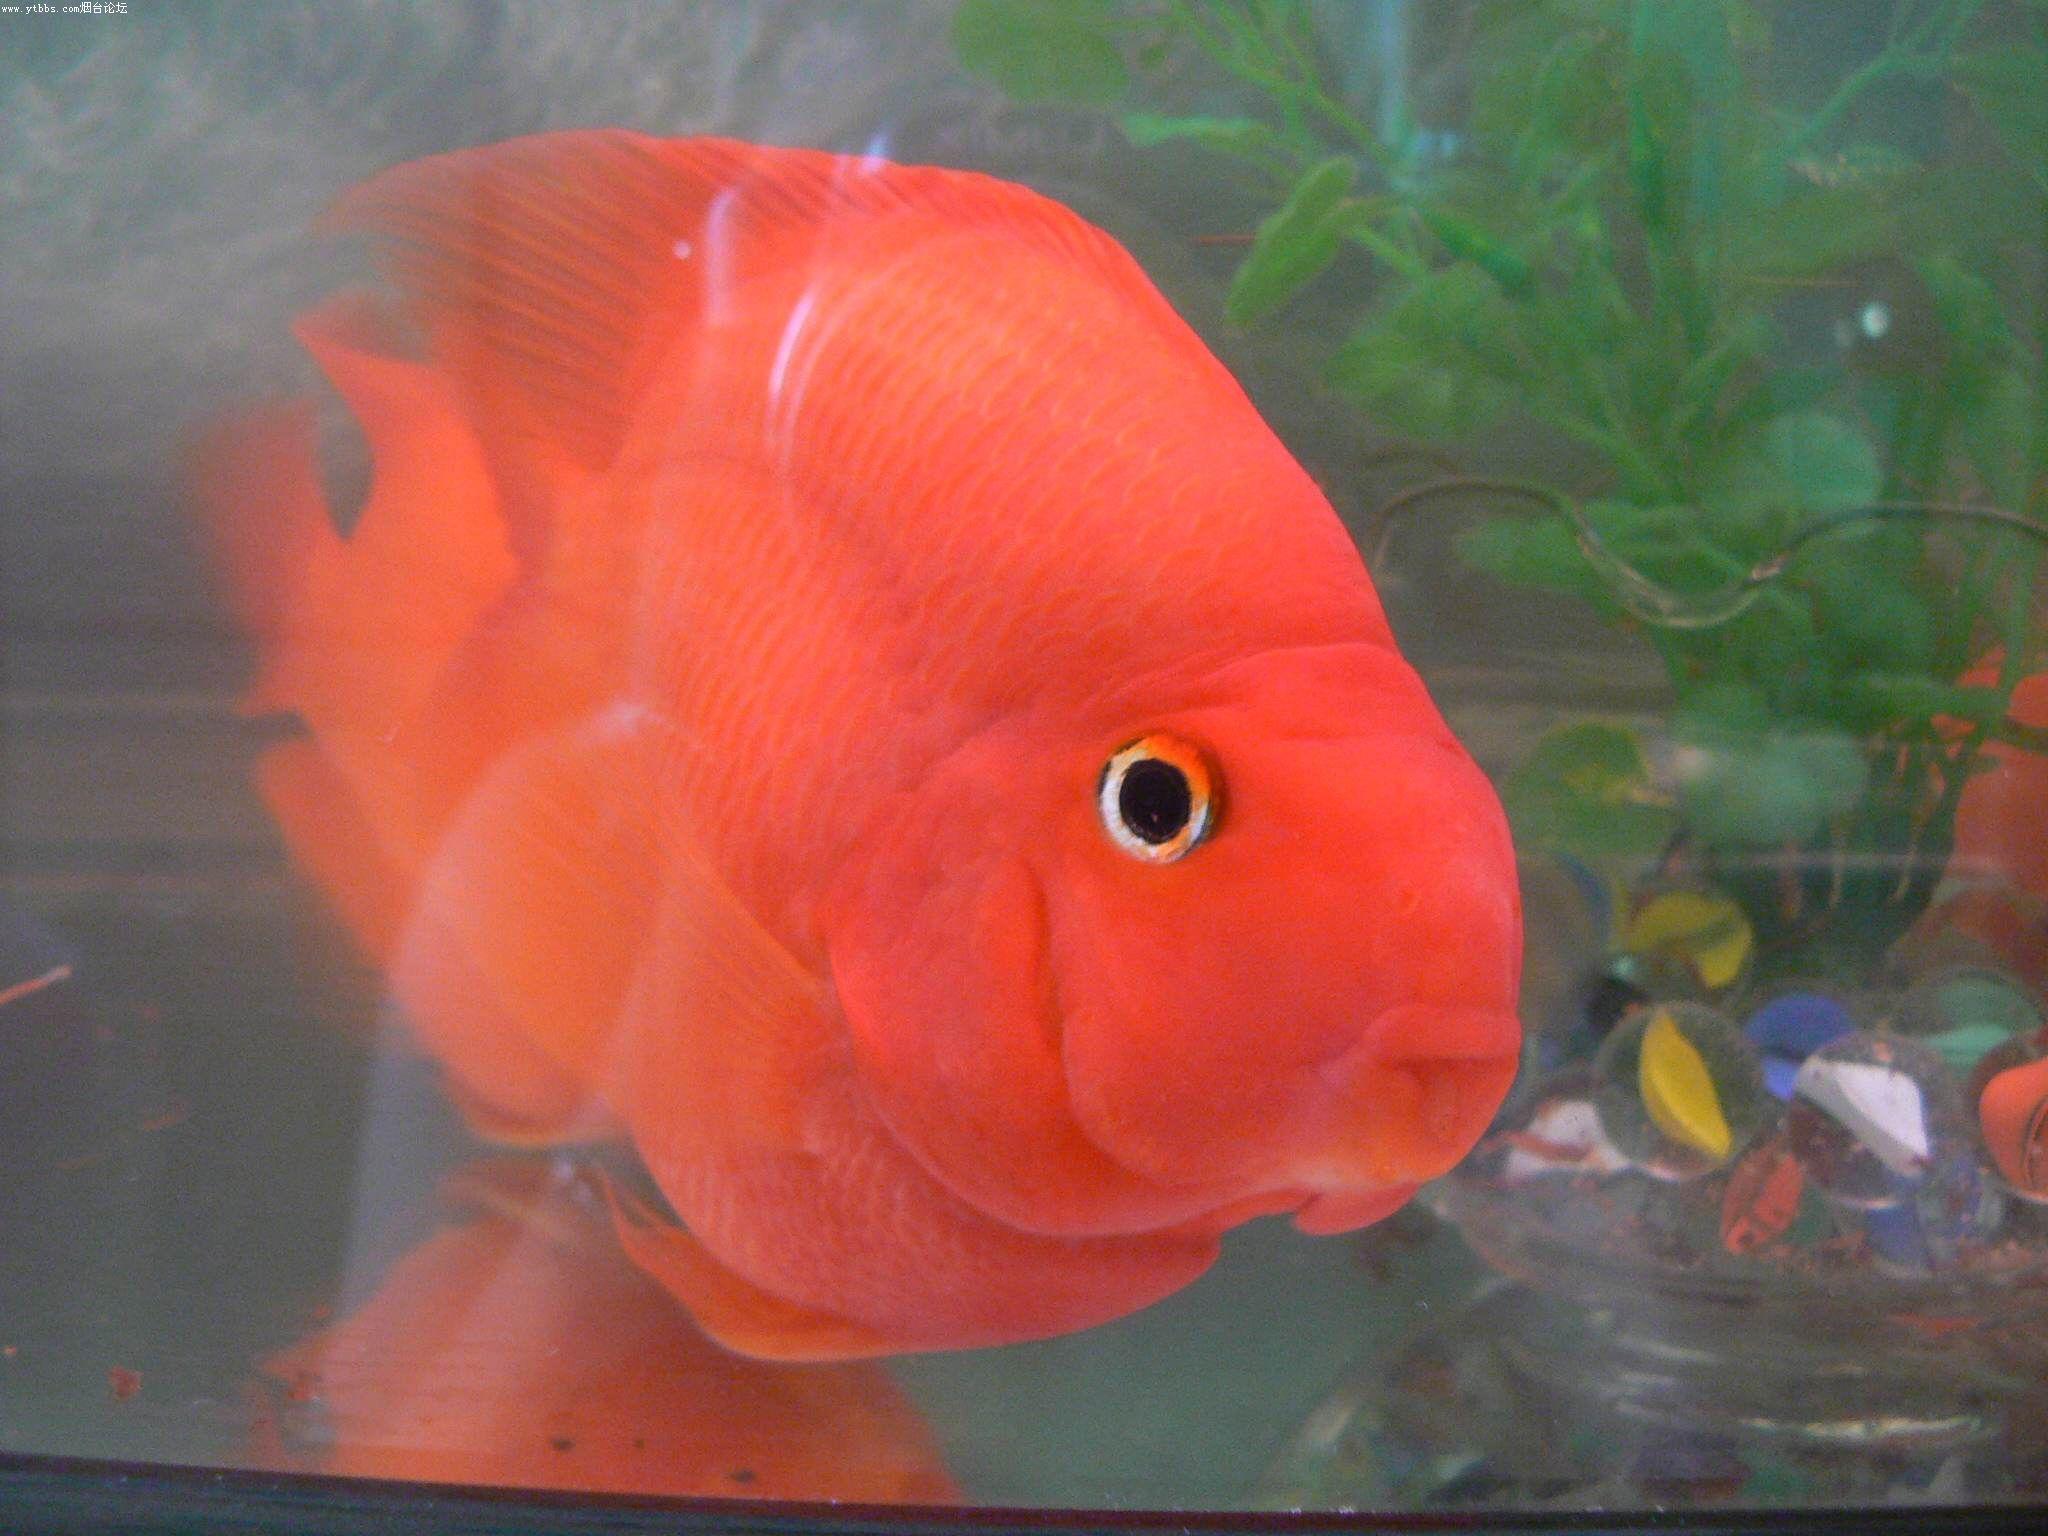 金刚鹦鹉鱼与血鹦鹉有什么区别 10厘米内的金刚鹦鹉鱼的价格是多少图片